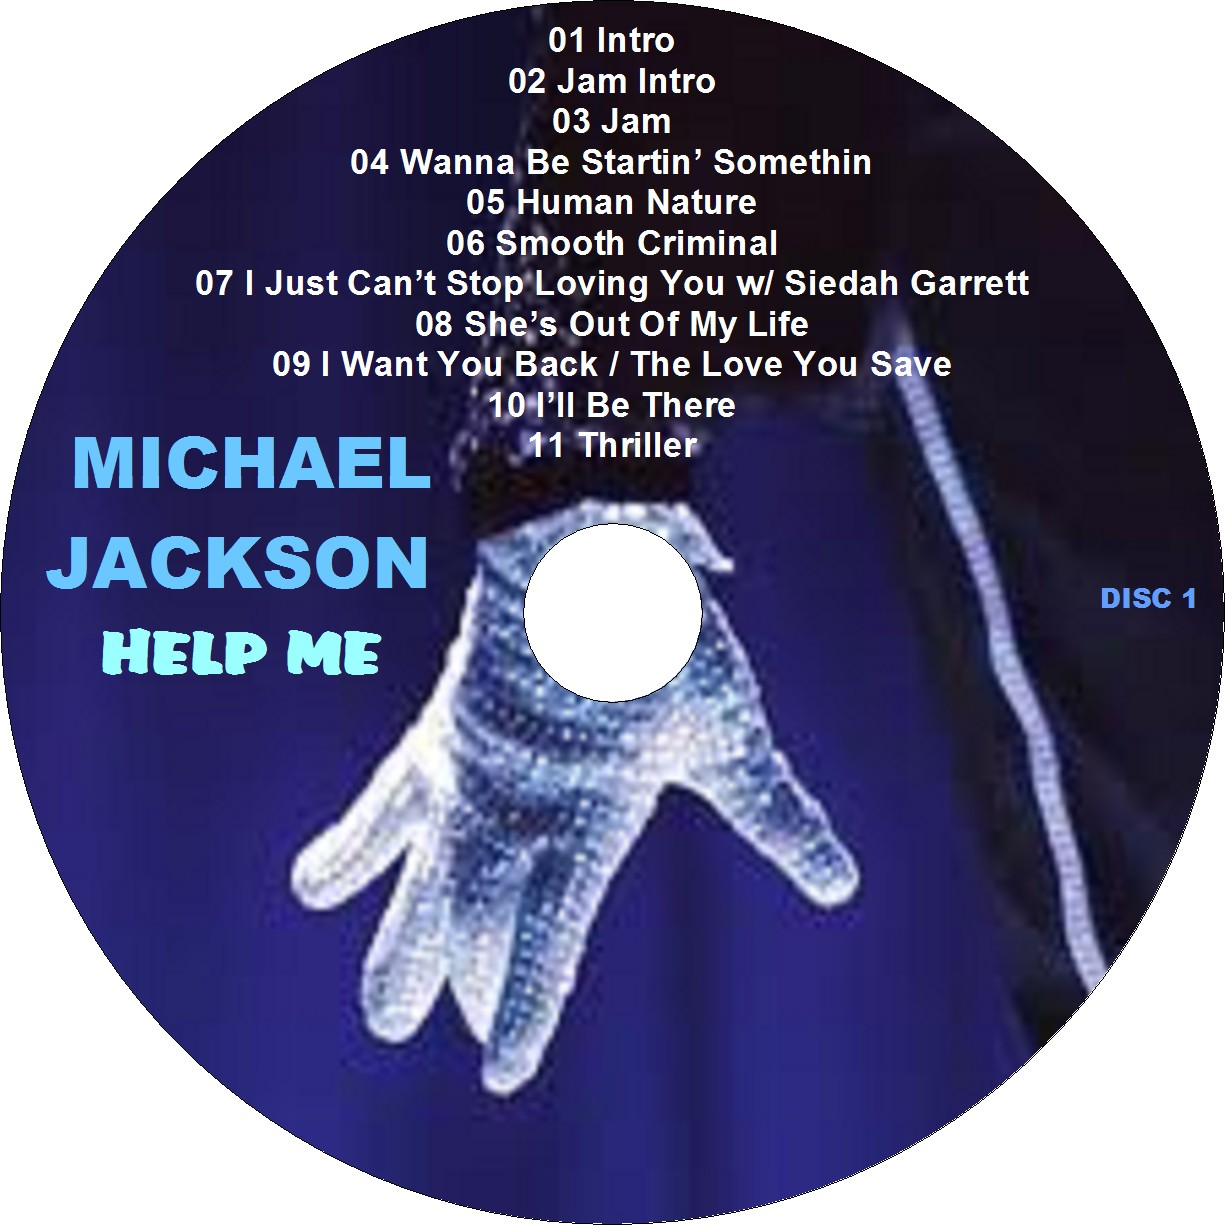 http://1.bp.blogspot.com/-eKJZv05t57E/TbRbex6b4BI/AAAAAAAAAqM/SE10a7yw_lg/s1600/Michael+Jackson+Lia+Manoliu.jpg